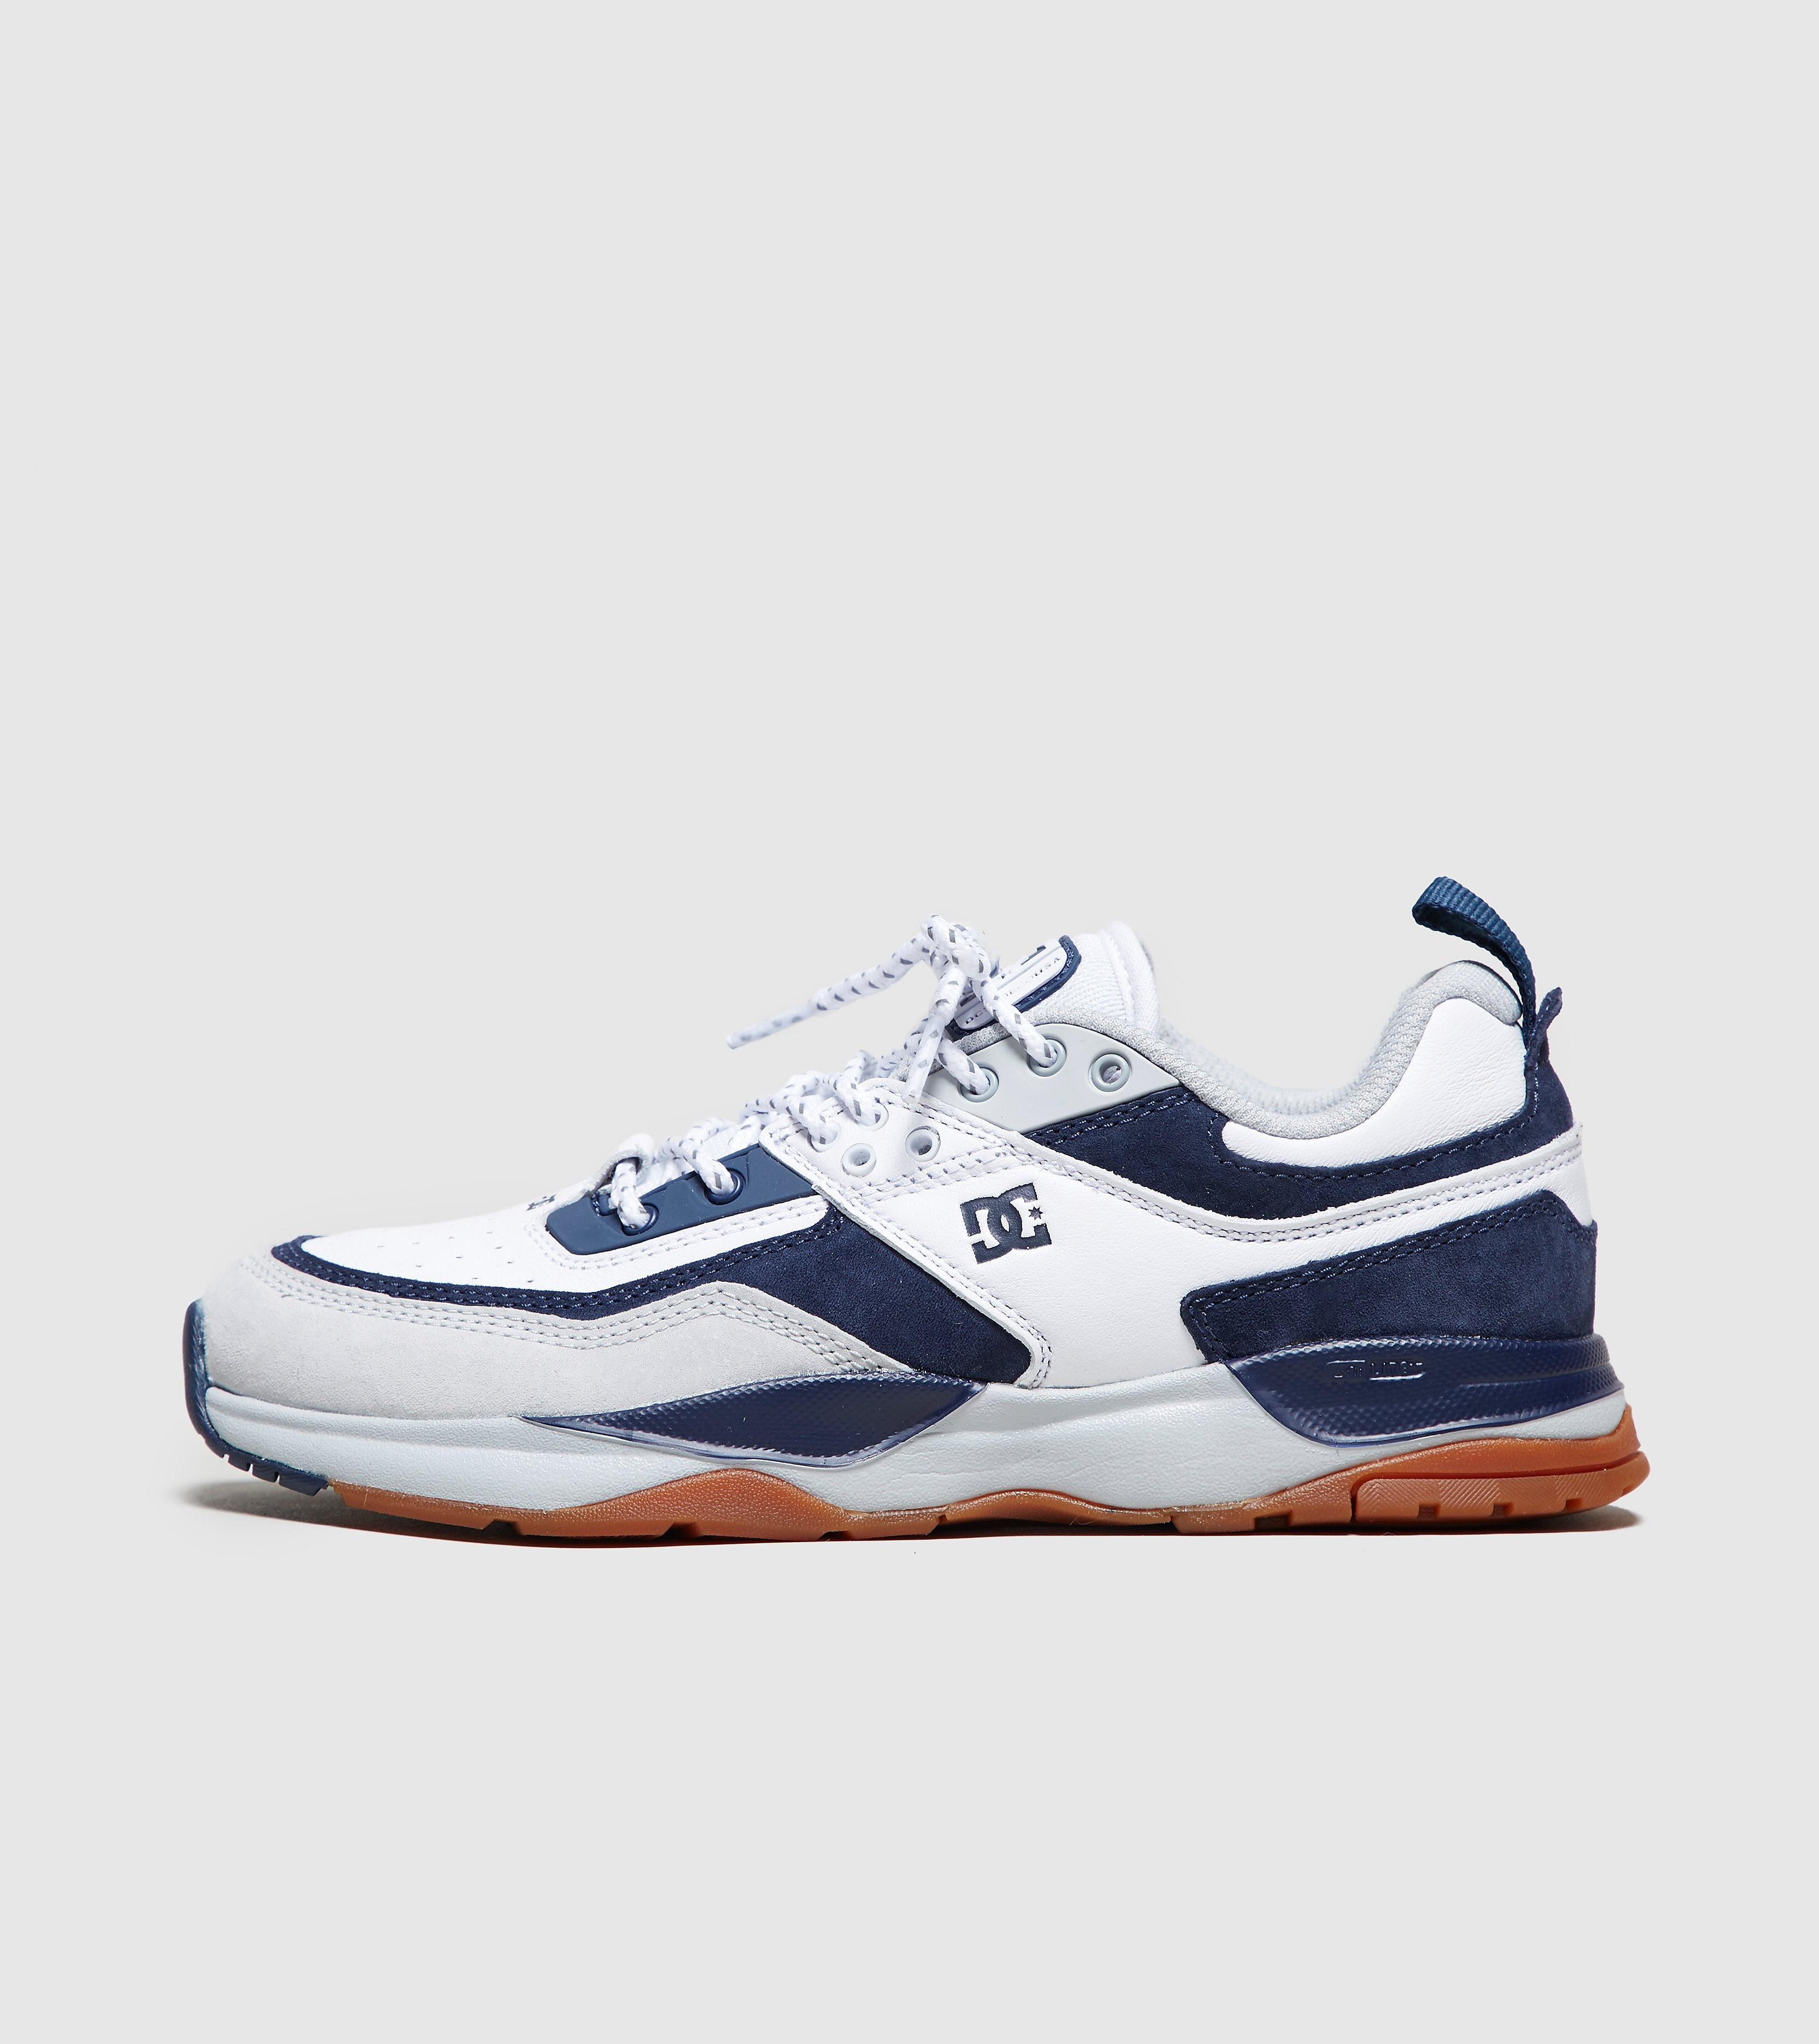 DC Shoes E.Tribeka SE Women's